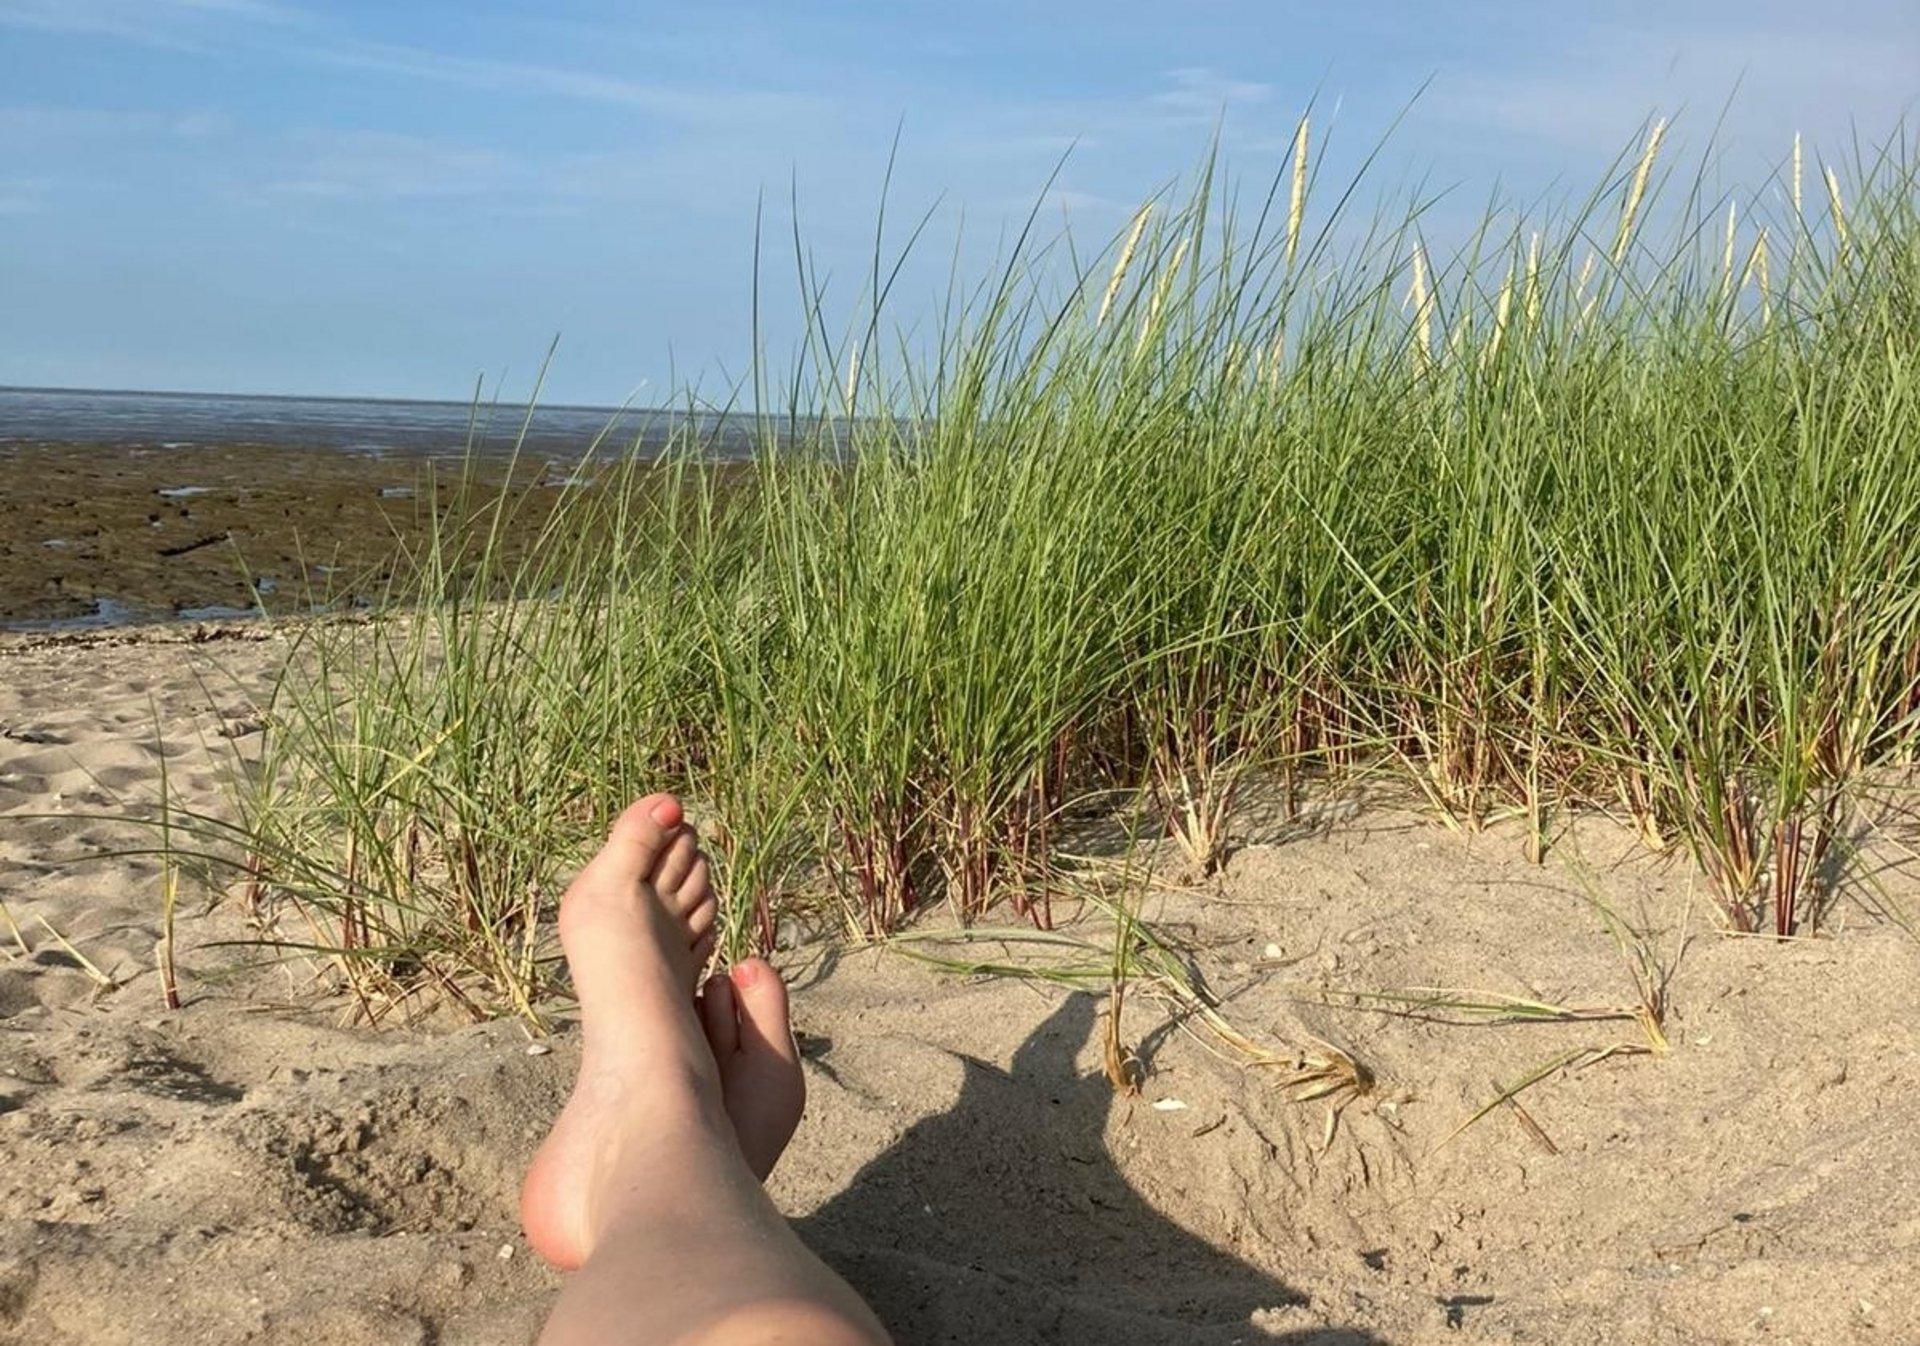 Abschluss eines spannenden ersten Tages am Strand (Foto Karina Bohnenkamp)